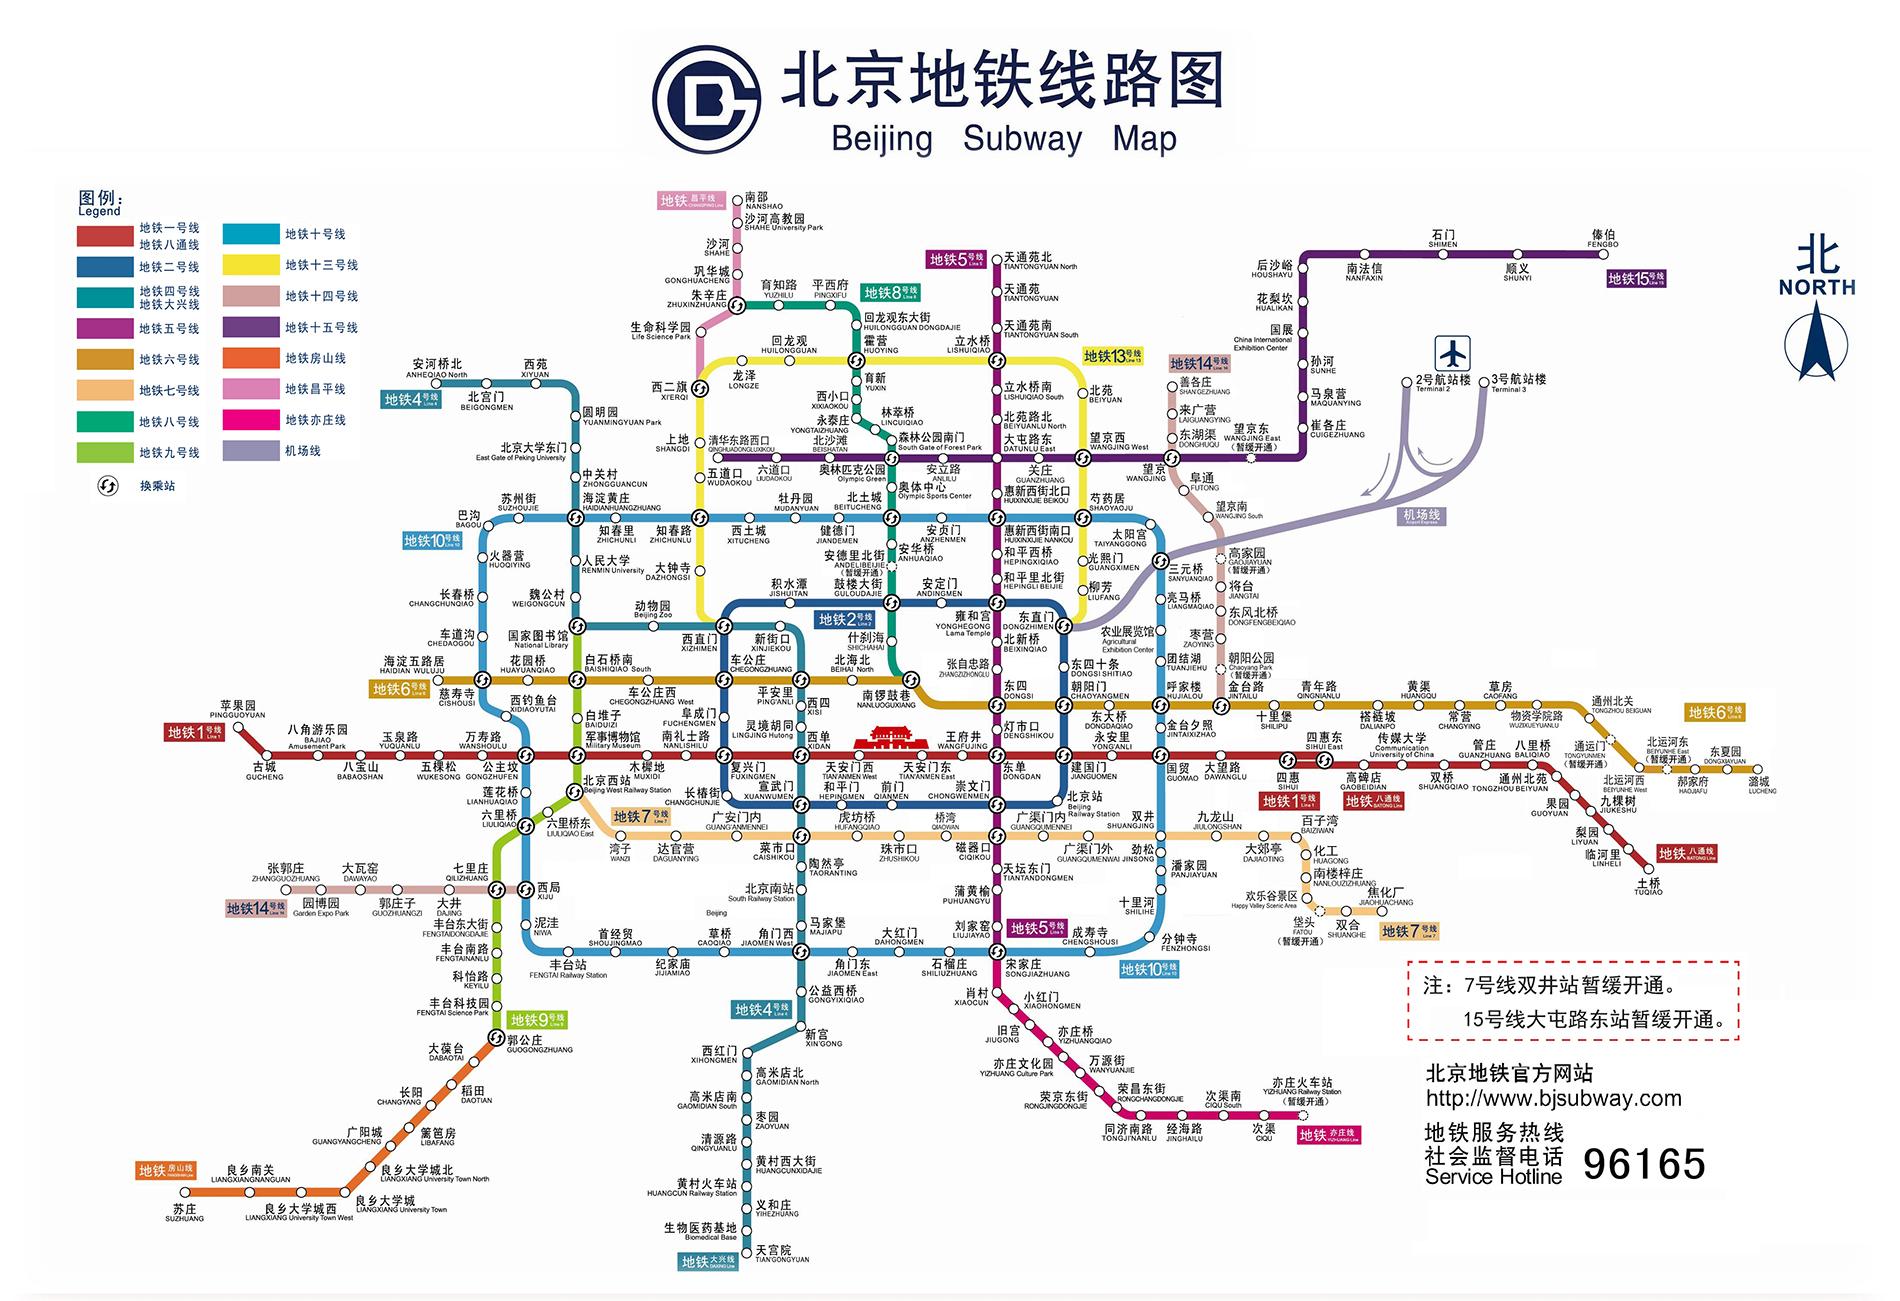 最新版的北京地铁线路图出炉了,新图包含了年底即将开通的新线段,7号